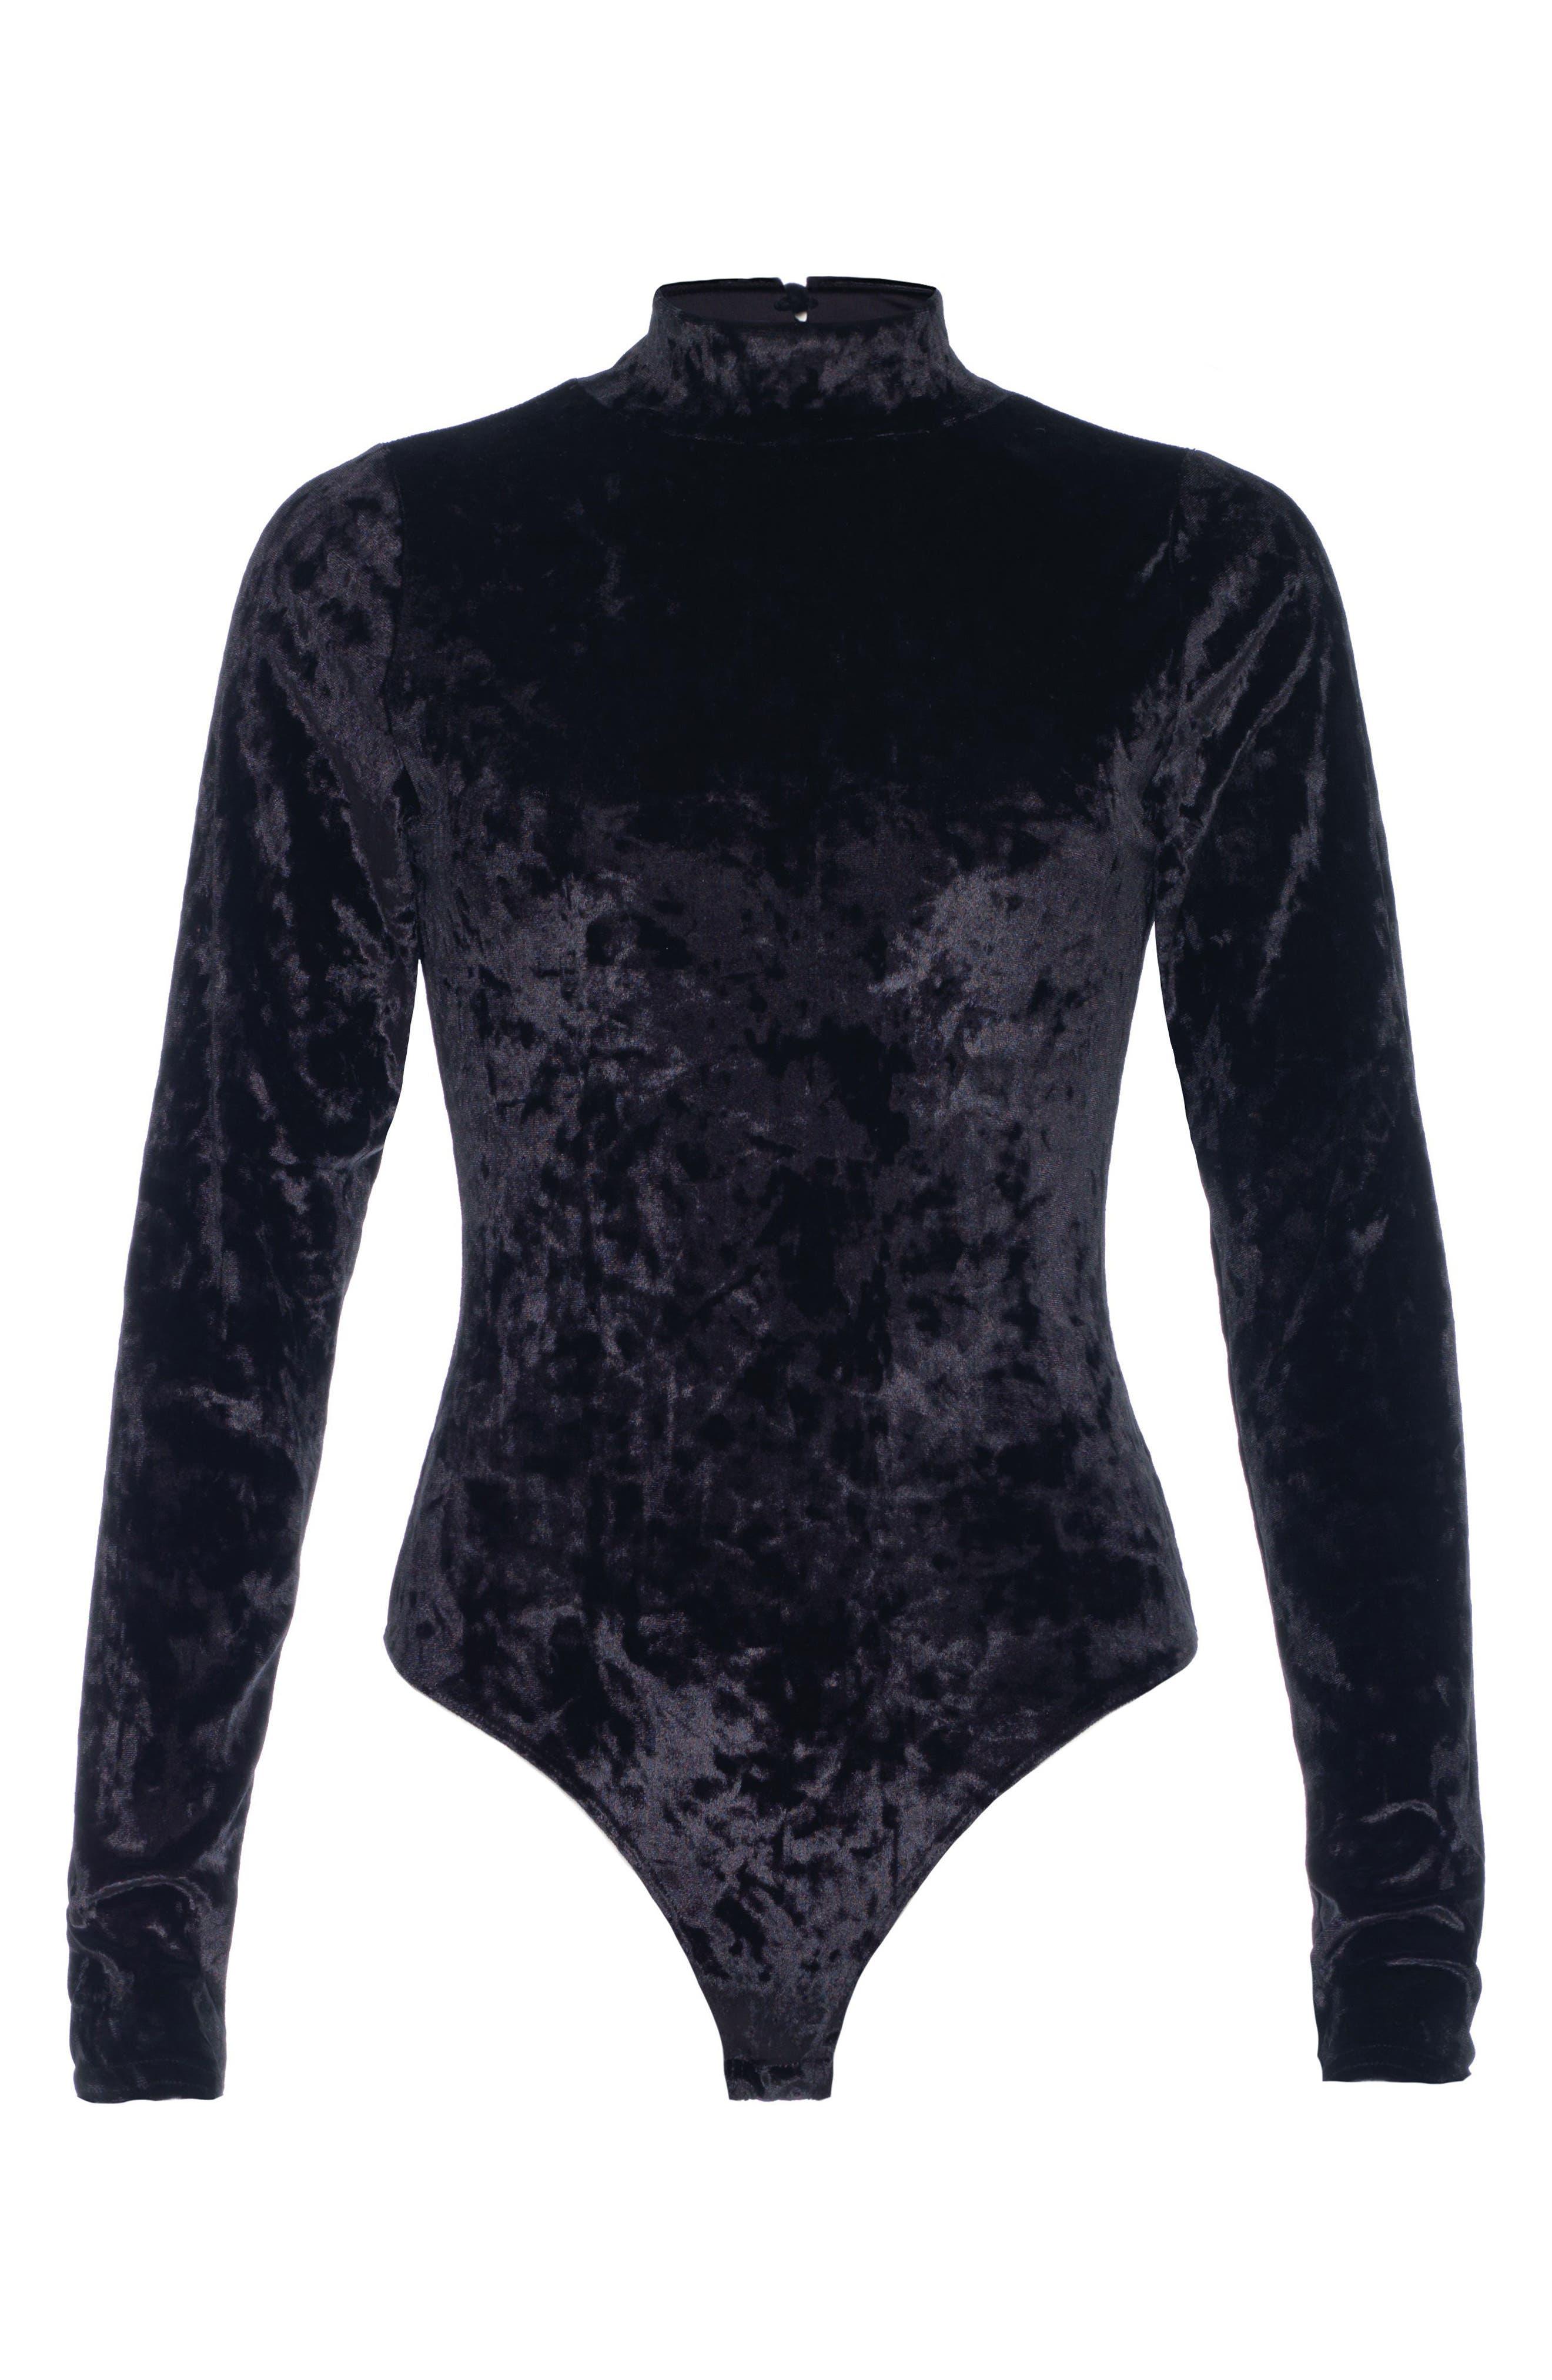 Taylor Hill x Joe's Mock Neck Velvet Bodysuit,                             Alternate thumbnail 3, color,                             011